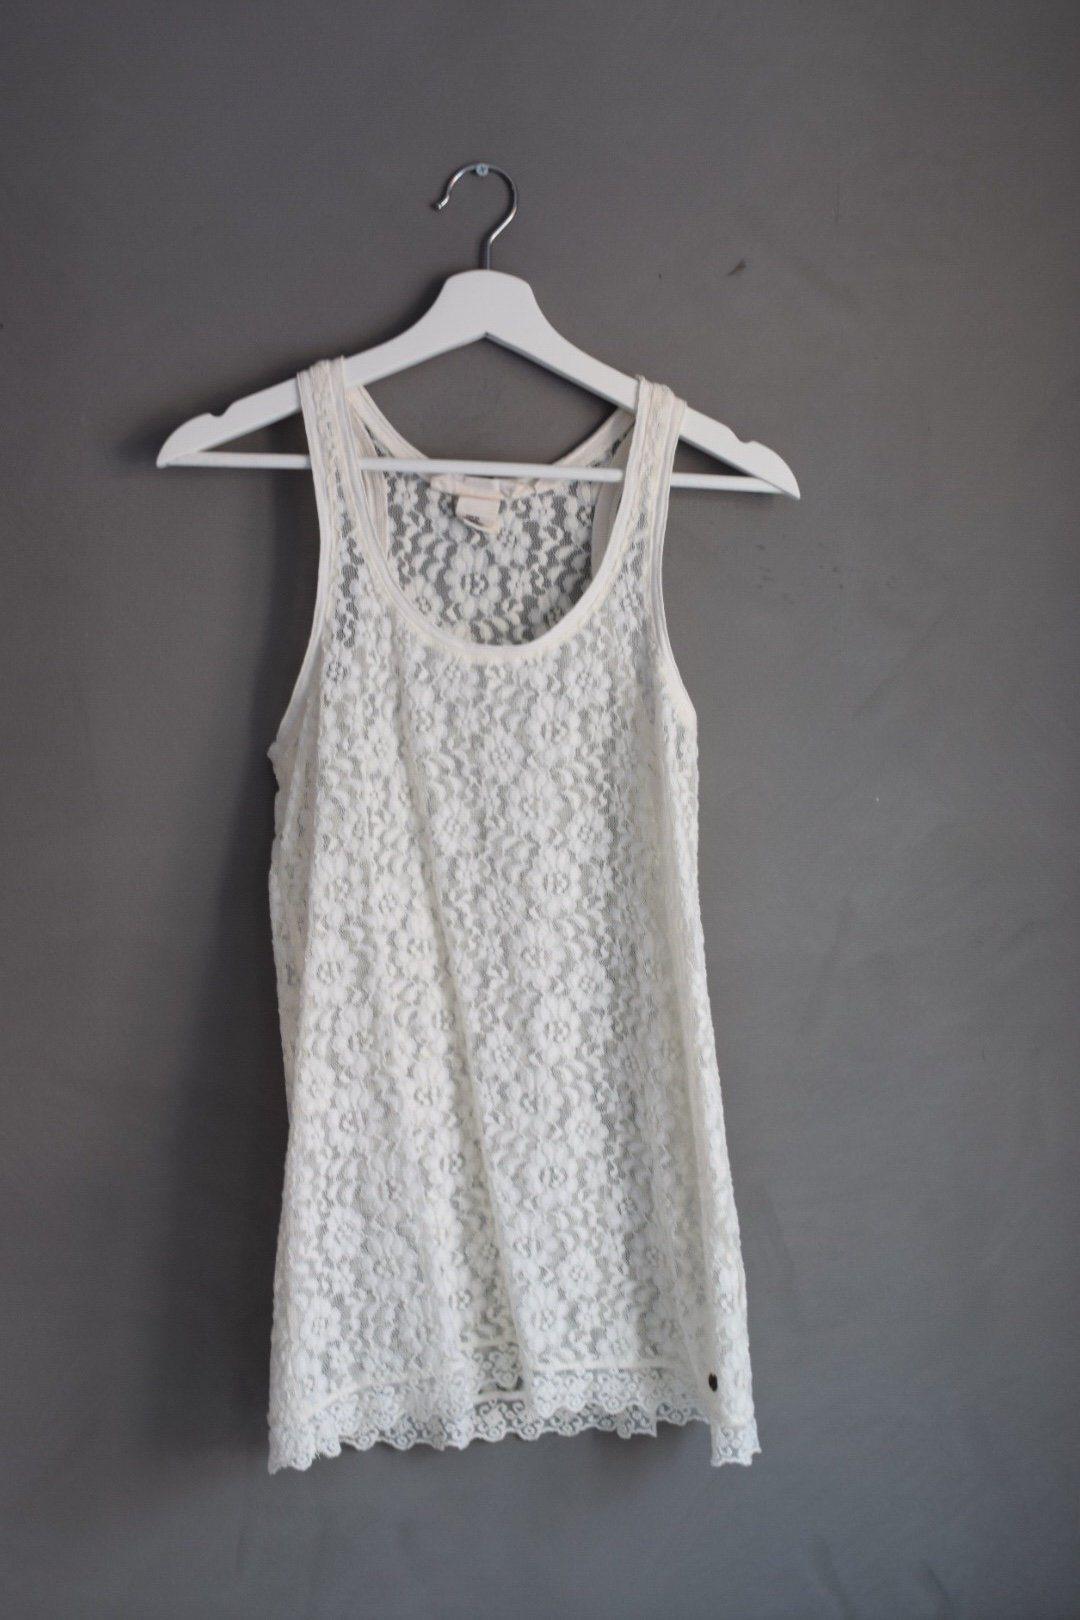 Vit kort klänning spets storlek XS (341274792) ᐈ Köp på Tradera 52501e1d9e054